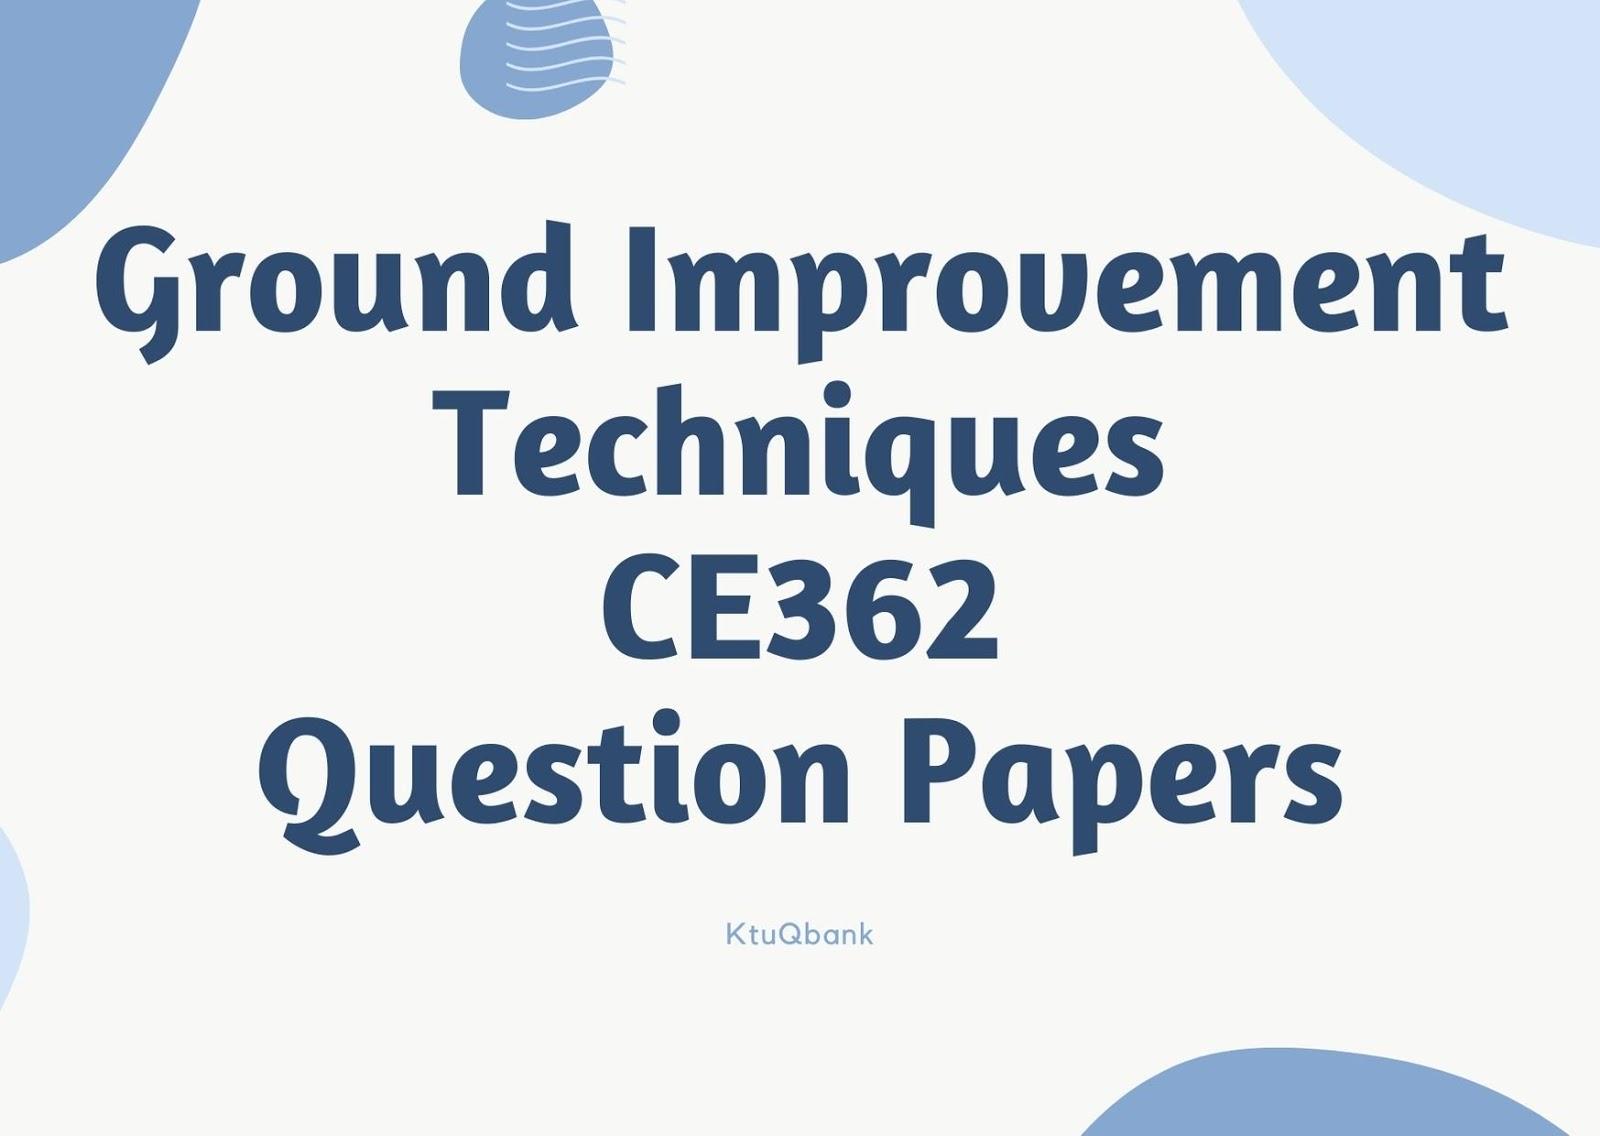 Ground Improvement Techniques | CE362 | Question Papers (2015 batch)